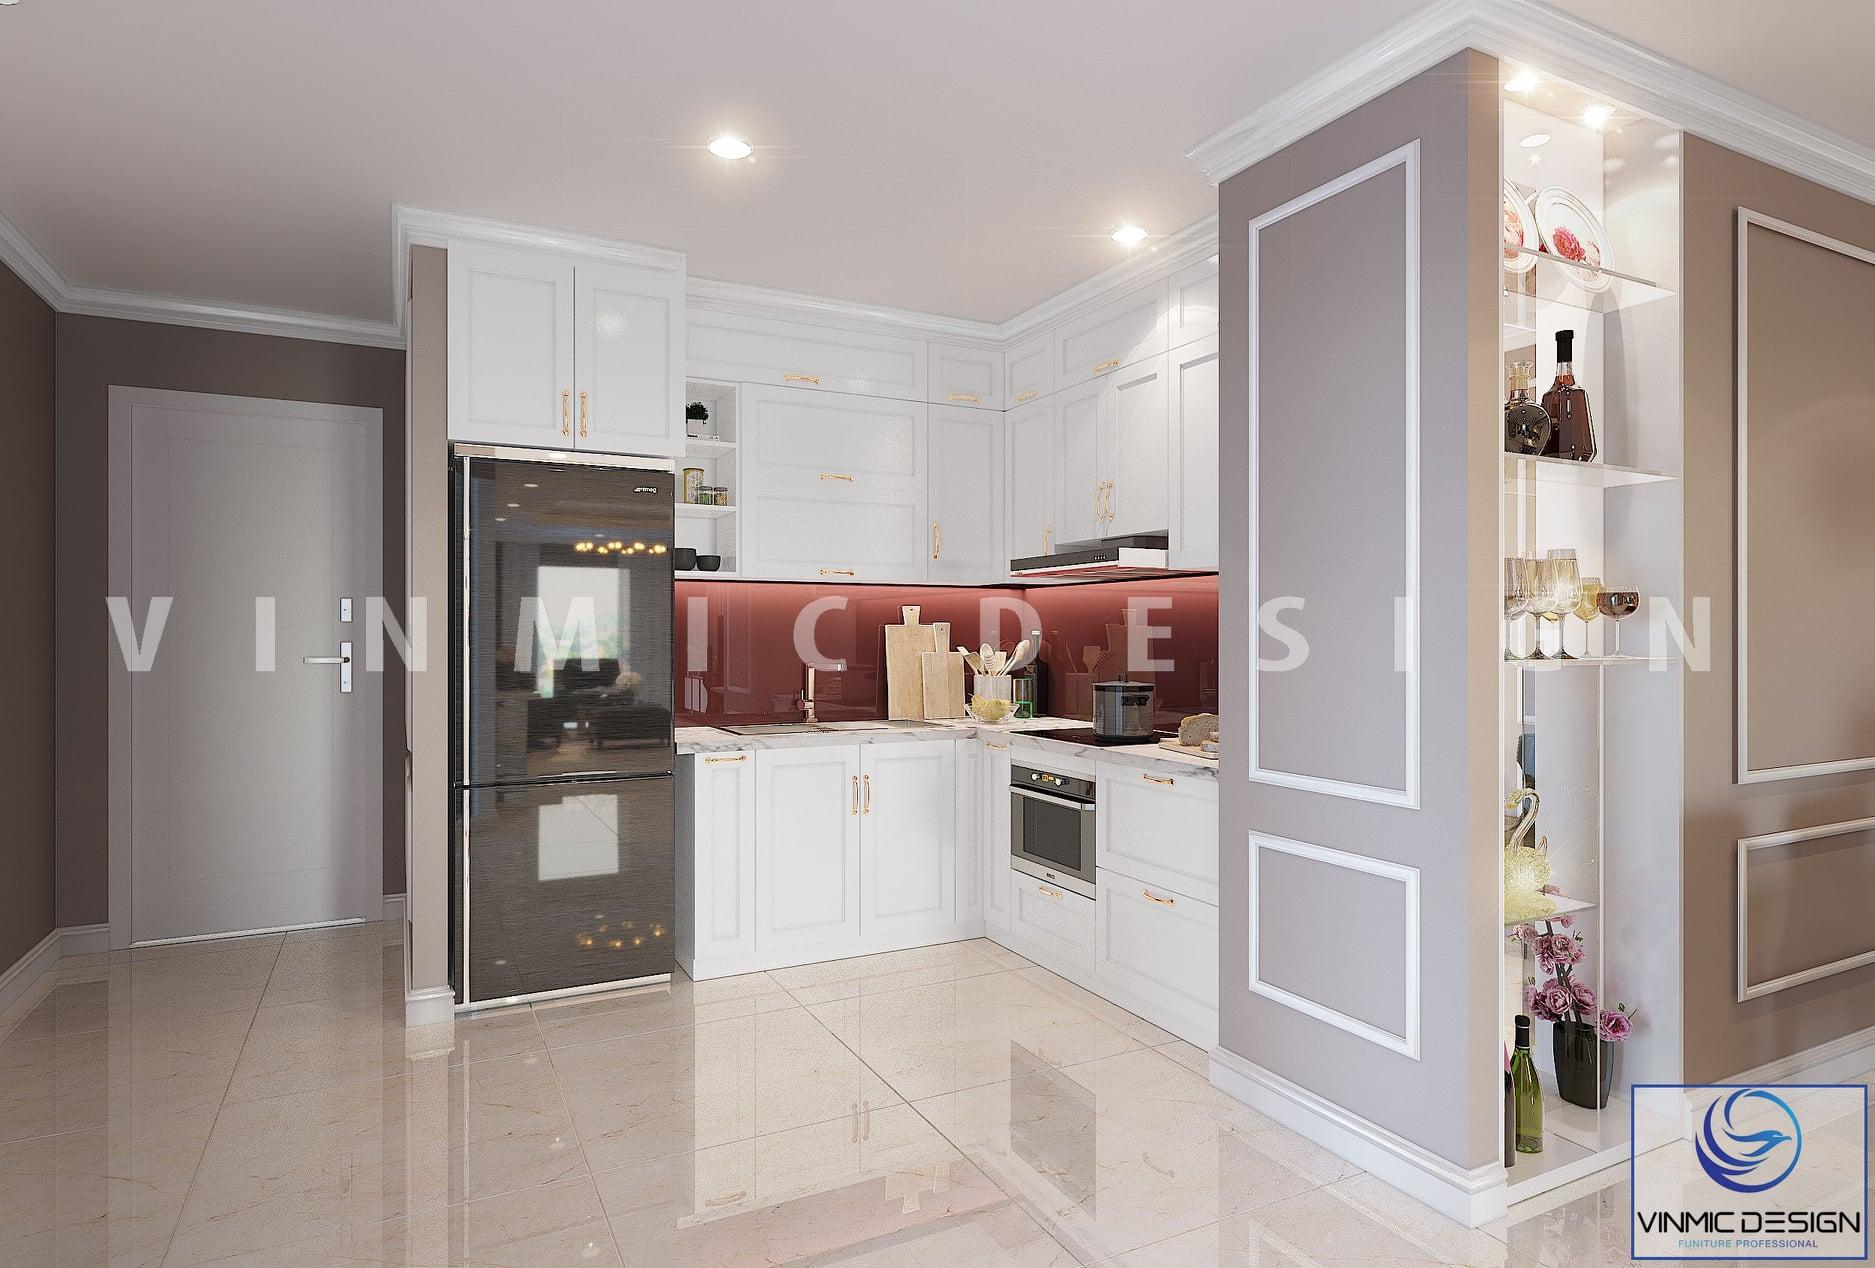 Thiết kế nội thất phòng bếp phong cách tân cổ điển cho chung cư đẹp